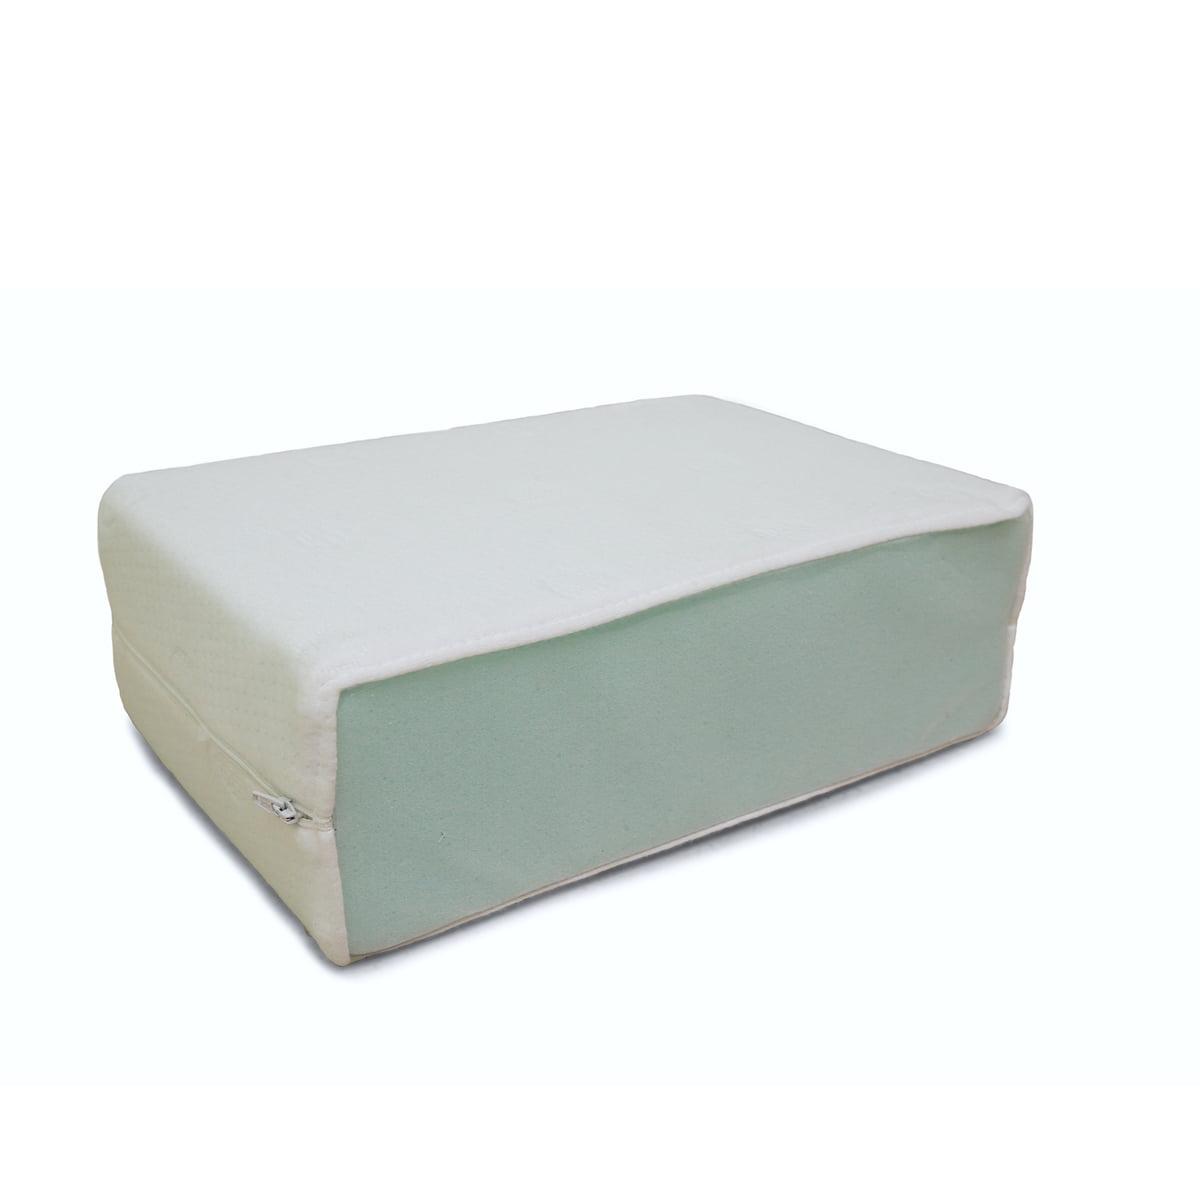 matelas en mousse inject e froid 90 x 200 cm de de. Black Bedroom Furniture Sets. Home Design Ideas